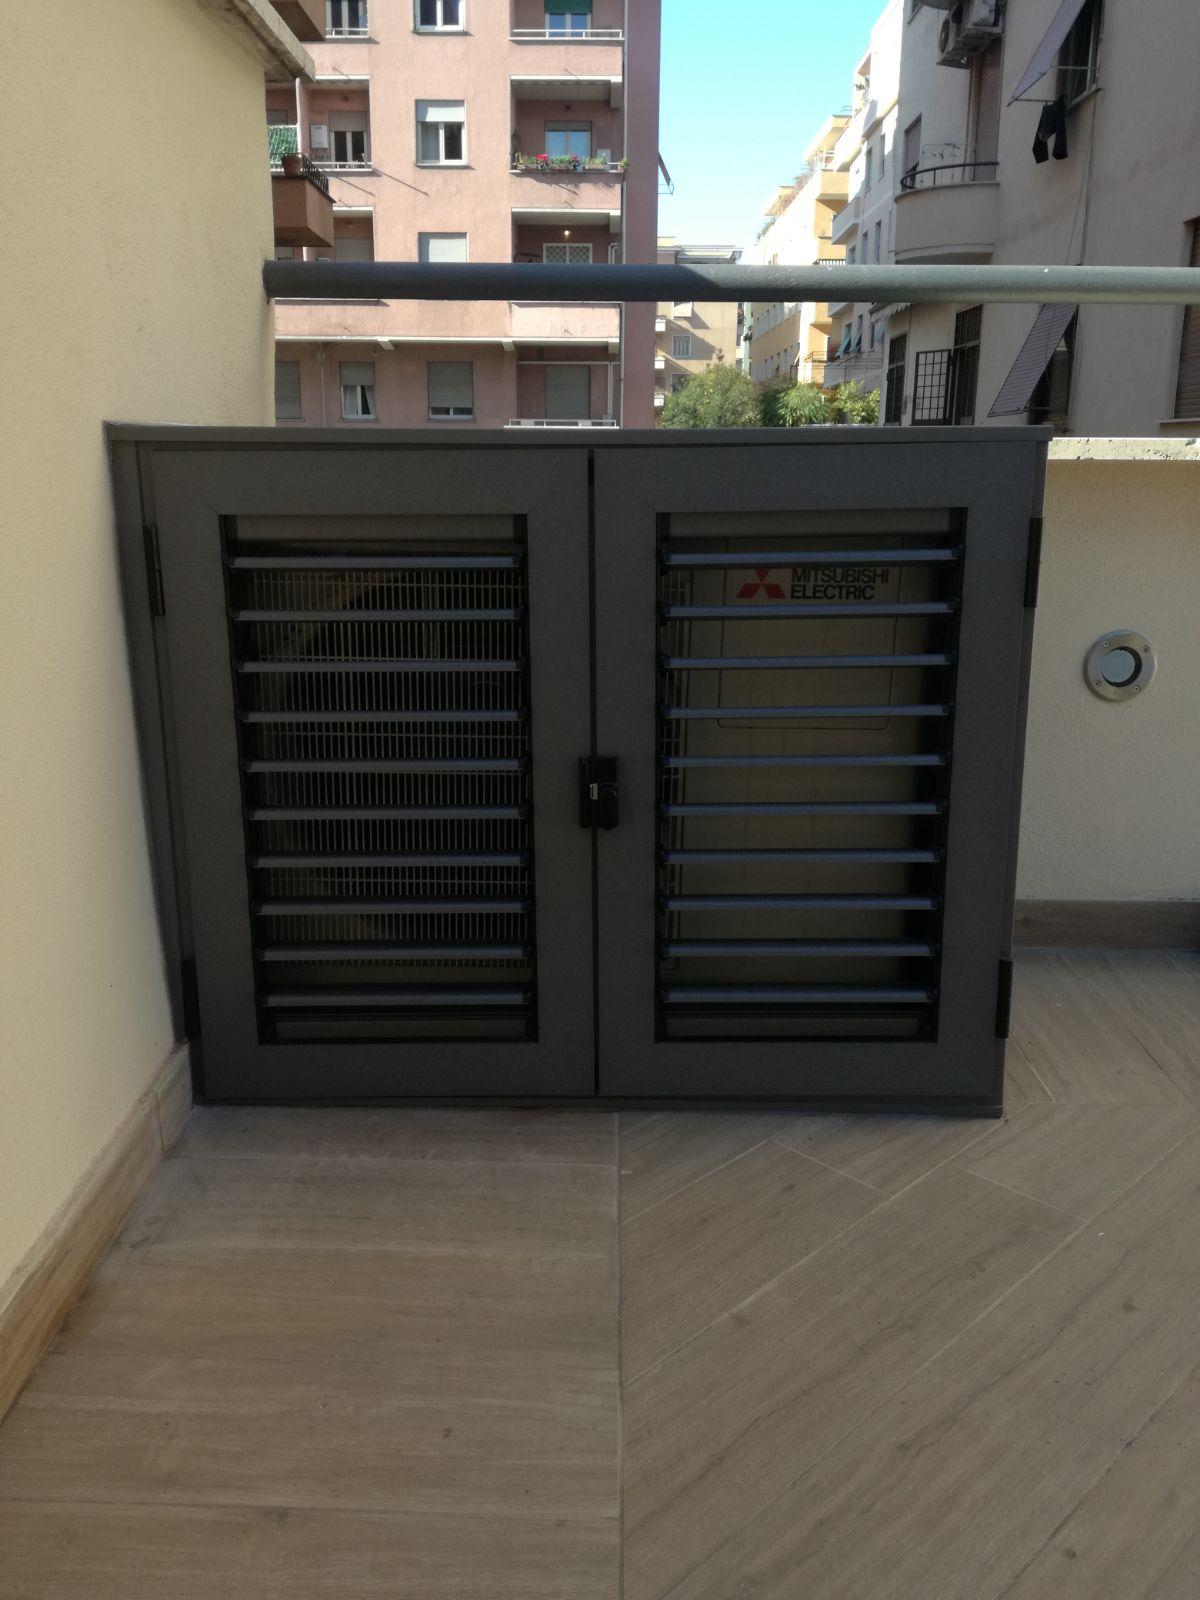 Fotografia di un armadio coprimotore in alluminio grigio micaceo a doghe orientabili (chiuso).